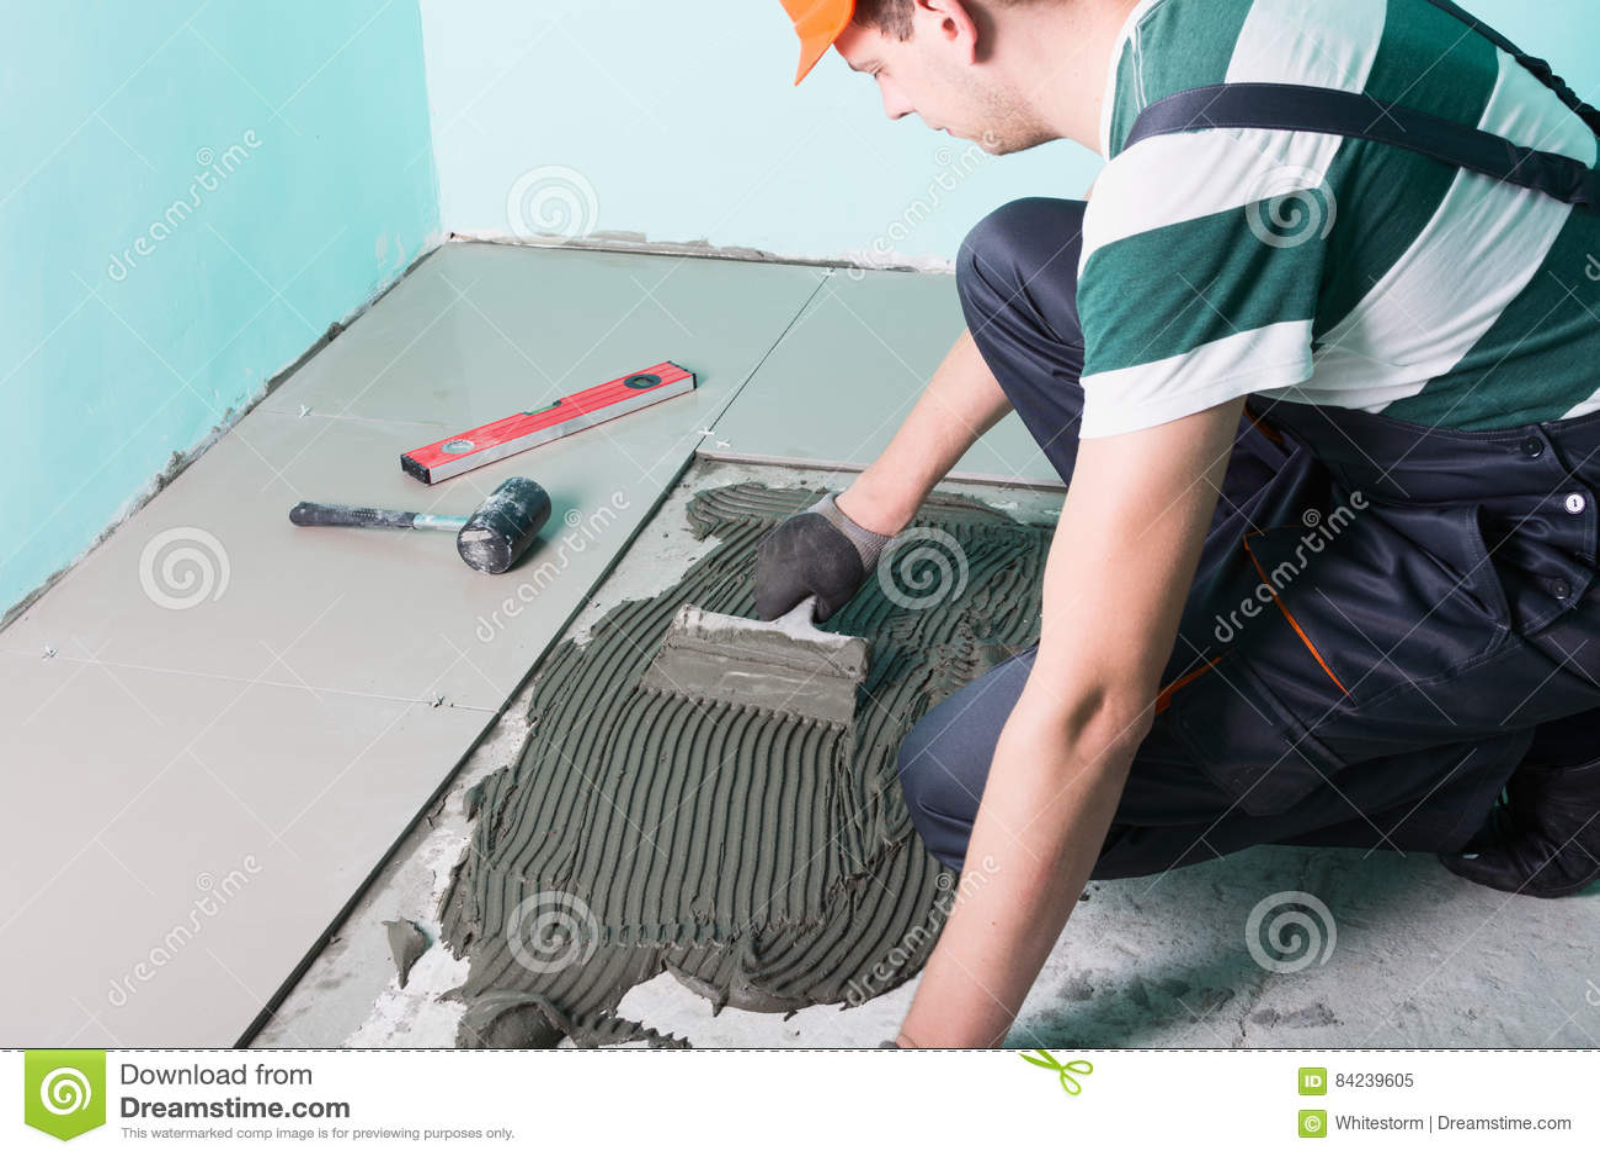 Tiler que instala telhas cerâmicas